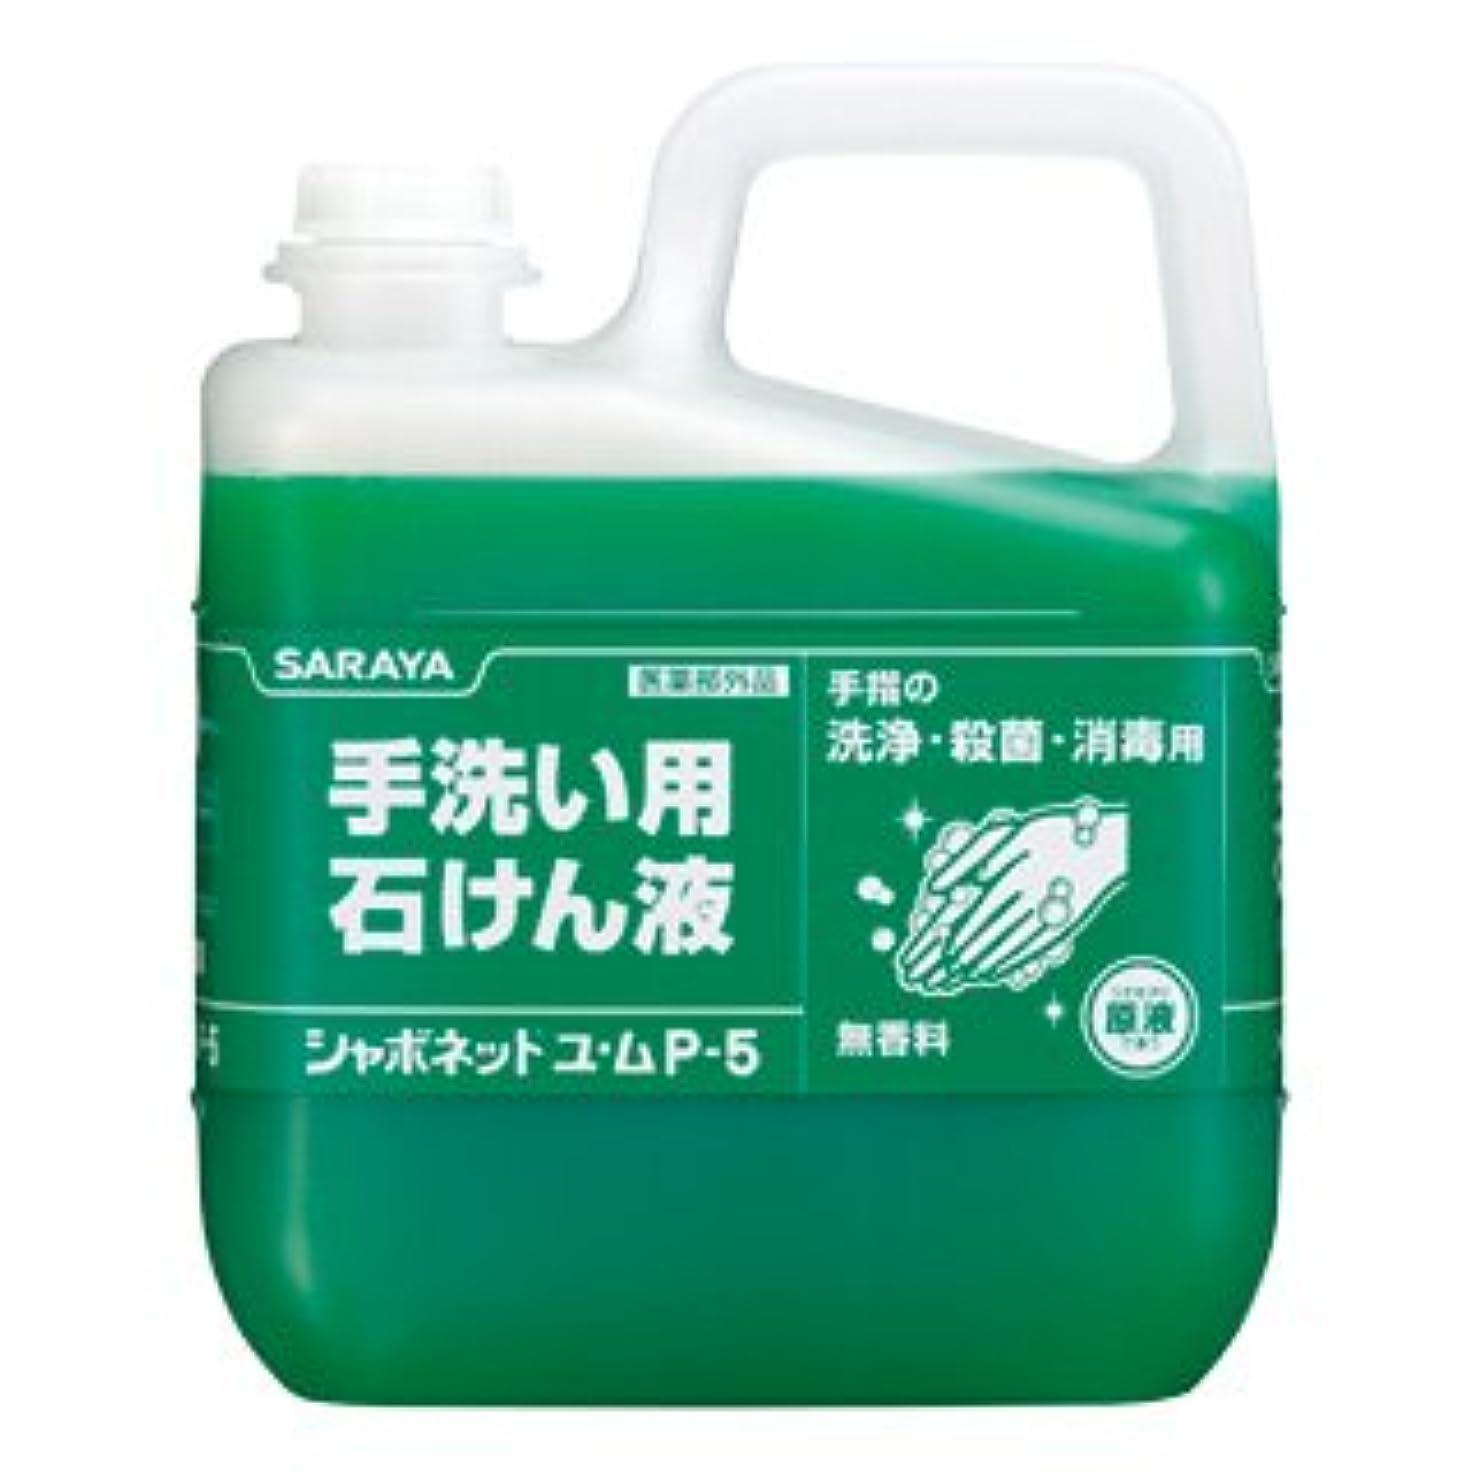 満了頑丈ペインギリックサラヤ業務用 手洗い用石鹸液 シャボネットユ?ムP−5 5kg×3本入 まとめ買い 殺菌と消毒 泡?液どちらもOK PPTR制度対応品 saraya